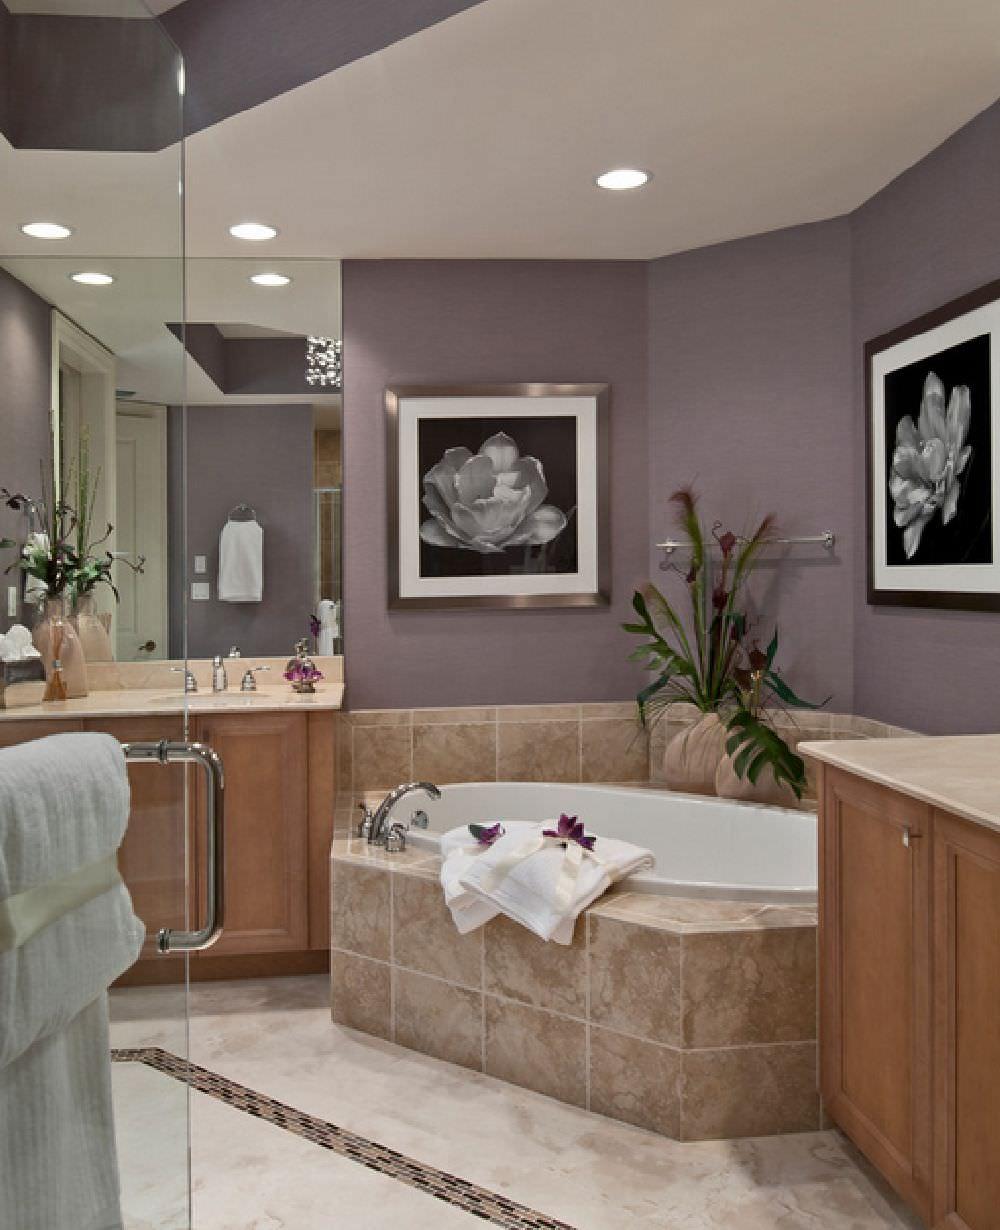 Abbinamento colore pareti casa interni muro. Imbiancare Casa Colori Di Tendenza Per Ogni Stanza Idee Colore Pareti Per Tinteggiare Casa Start Preventivi